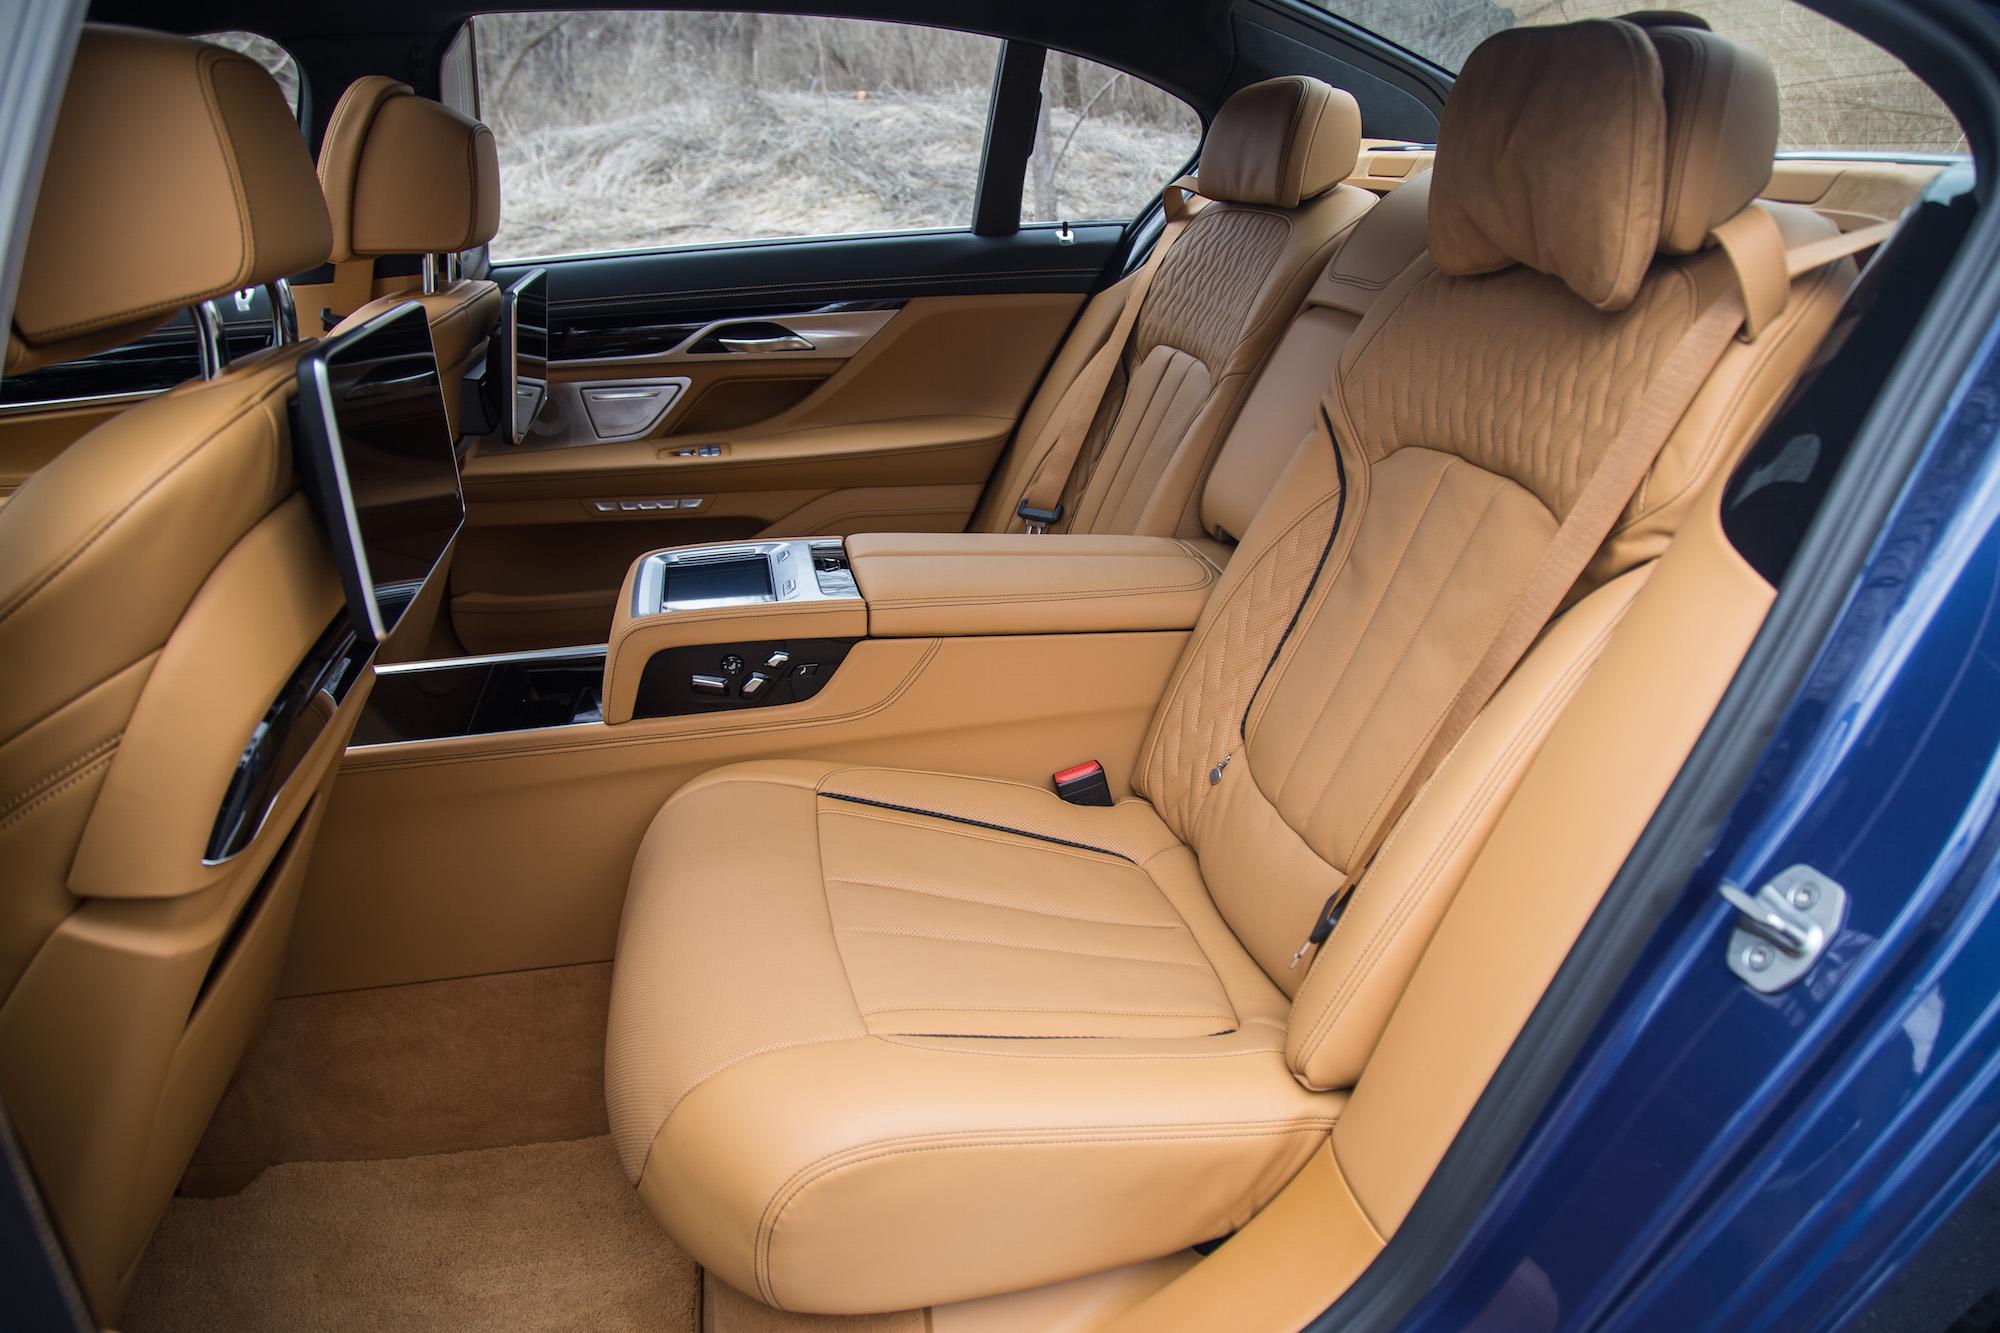 Review BMW Alpina B XDrive Canadian Auto Review - 2018 bmw alpina b7 xdrive